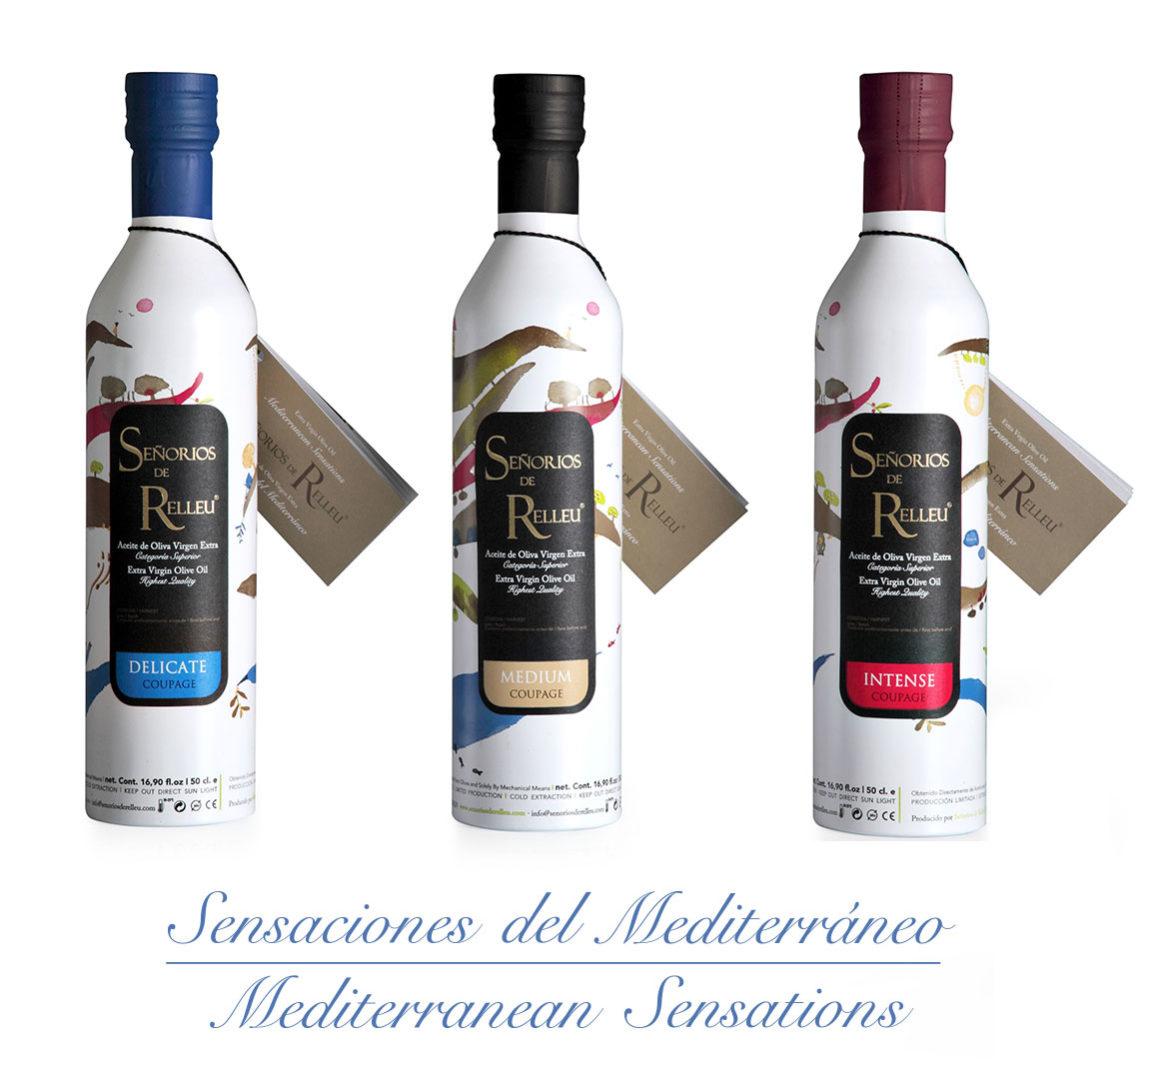 Señoríos de Relleu   Venta Online de Aceite de Oliva Virgen Extra - Historia de nuestra botella